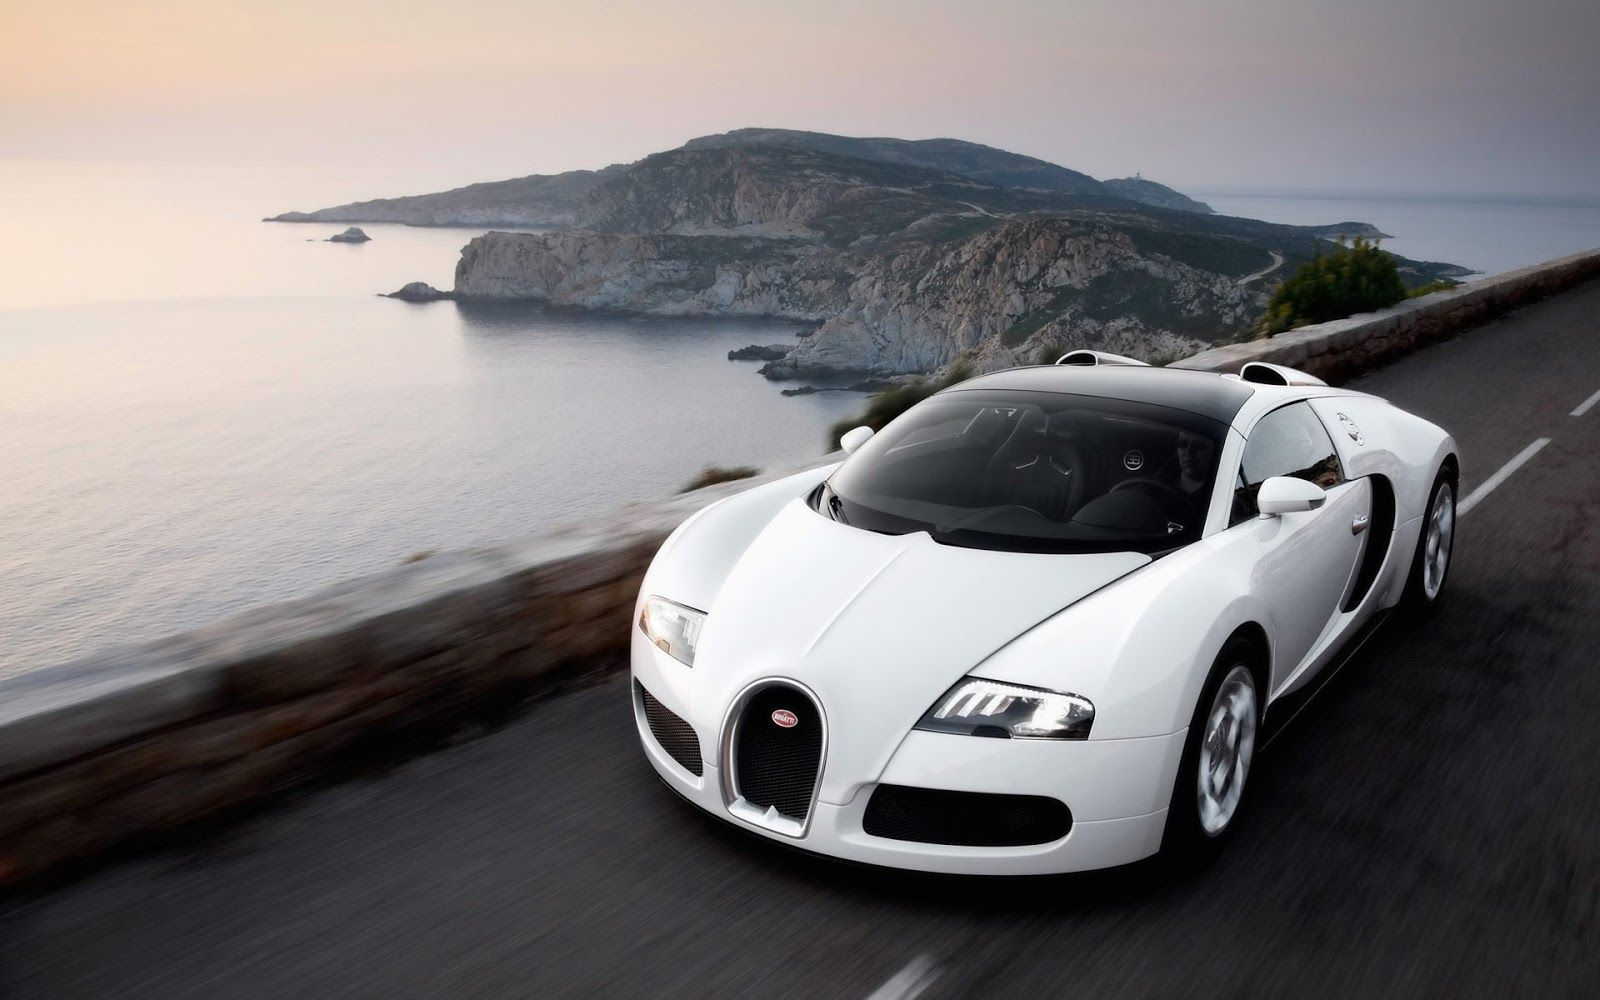 Bugatti Veyron Super Sport 2013 Bugatti Veyron Bugatti Veyron Super Sport Bugatti Cars